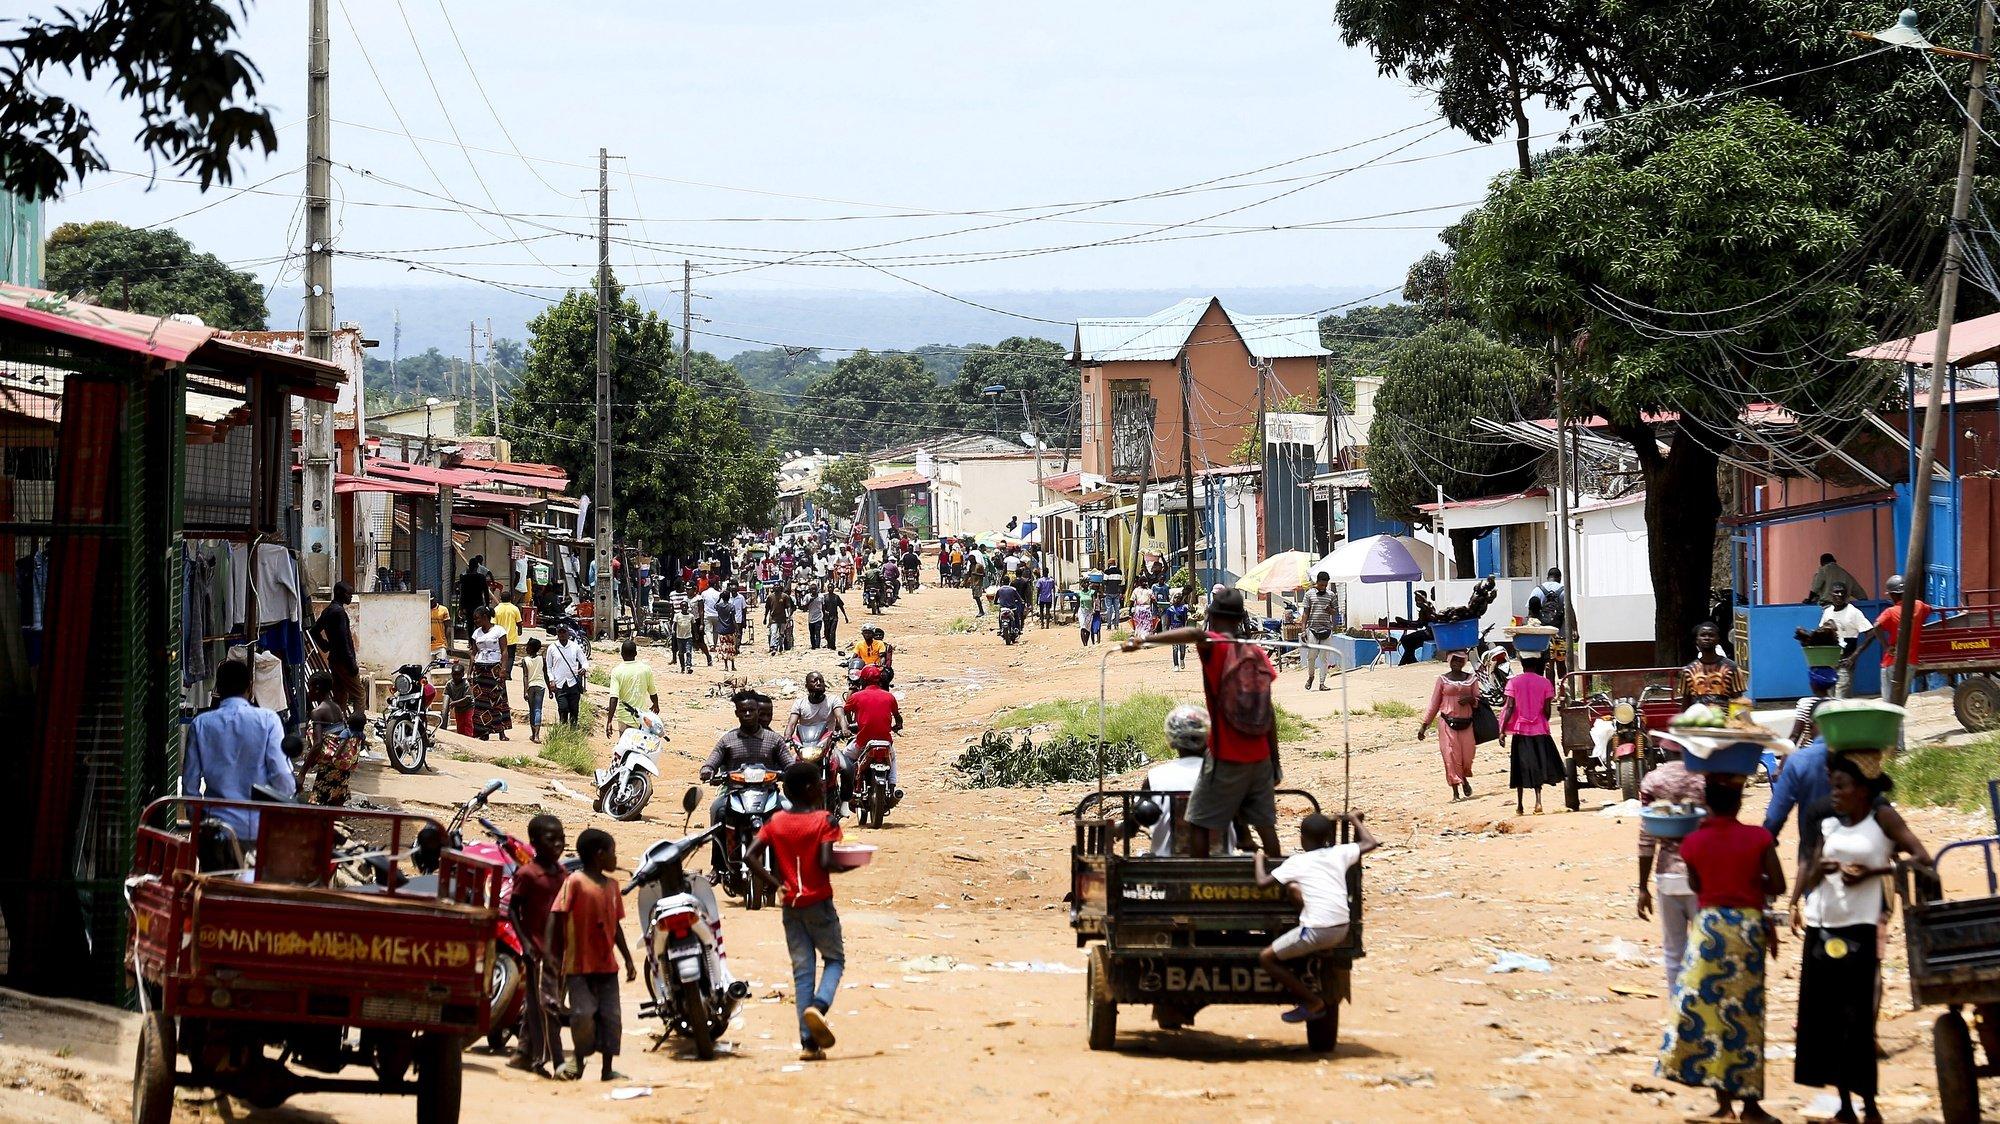 Quatro dias depois dos incidentes em que vários dos seus filhos perderam a vida, Cafunfo chora os mortos, procurando ainda os corpos das vítimas, e lamenta a perda das vidas de inocentes, Cafunfo, Cuango, Lunda Norte, Angola, 3 de fevereiro de 2021. Testemunhas ouvidas pela Lusa contam mais de 20 mortos durante os incidentes ocorridos sábado na vila mineira da Lunda Norte. (ACOMPANHA TEXTO DE 04/02/2021) AMPE ROGÉRIO/LUSA